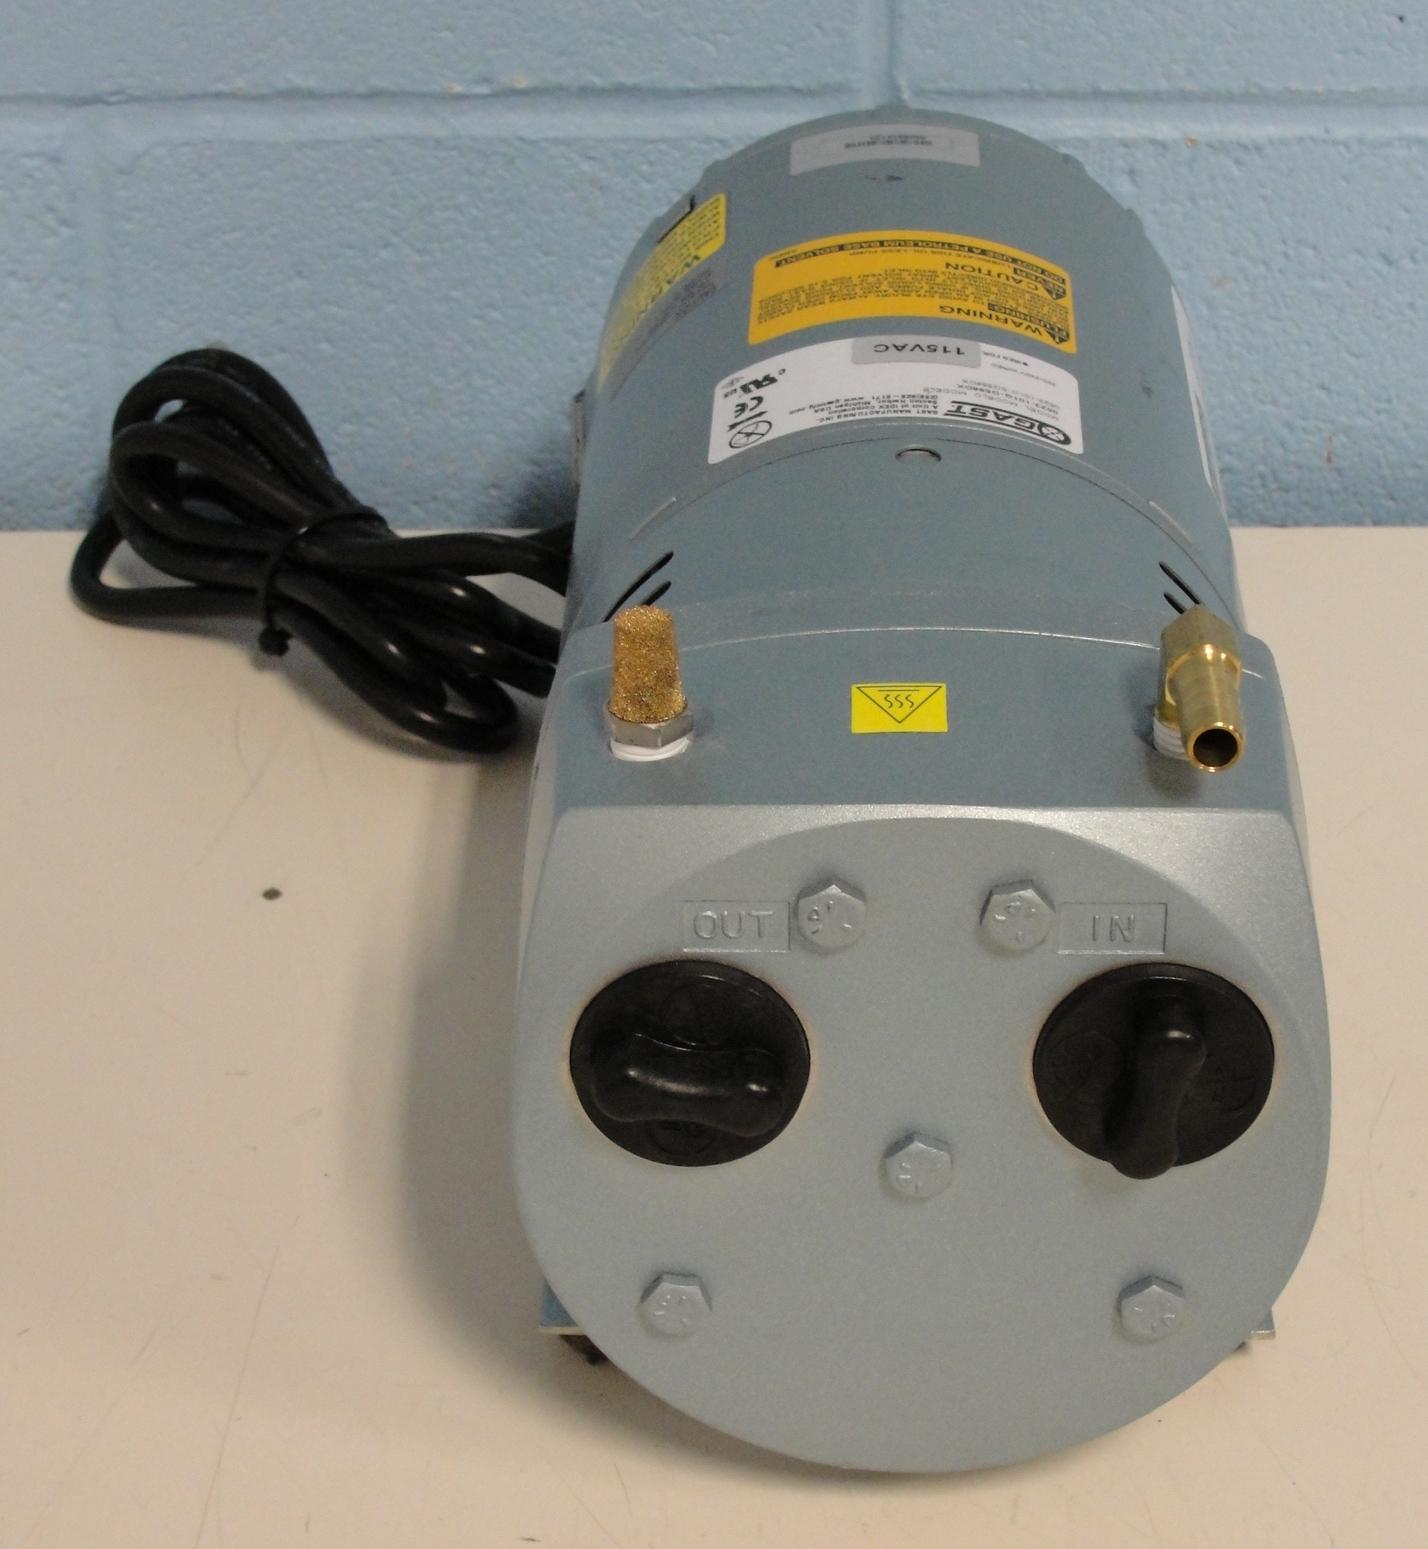 Gast Oilless Pump Wire Diagram Wiring Libraries Vacuum Pumps Refurbished Rotary Vane Pumpgast Image